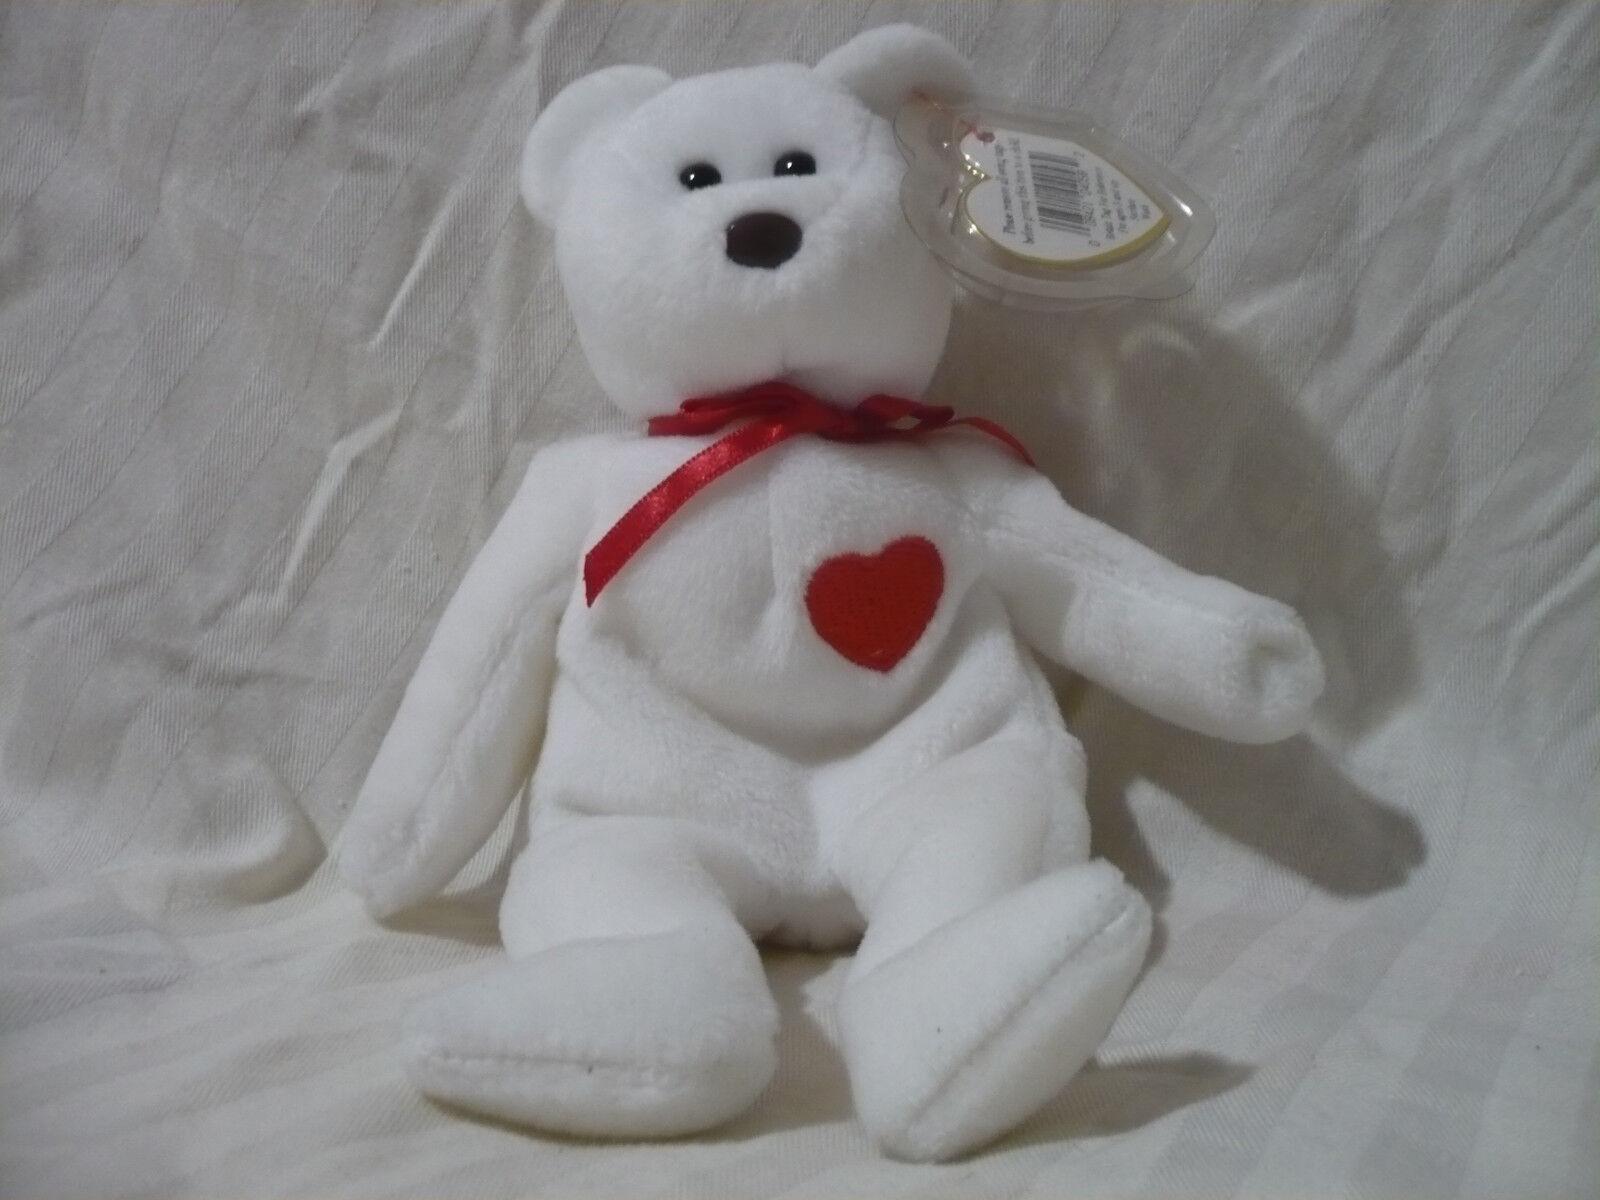 Ty beanie baby valentino mehrere fehler und raritäten